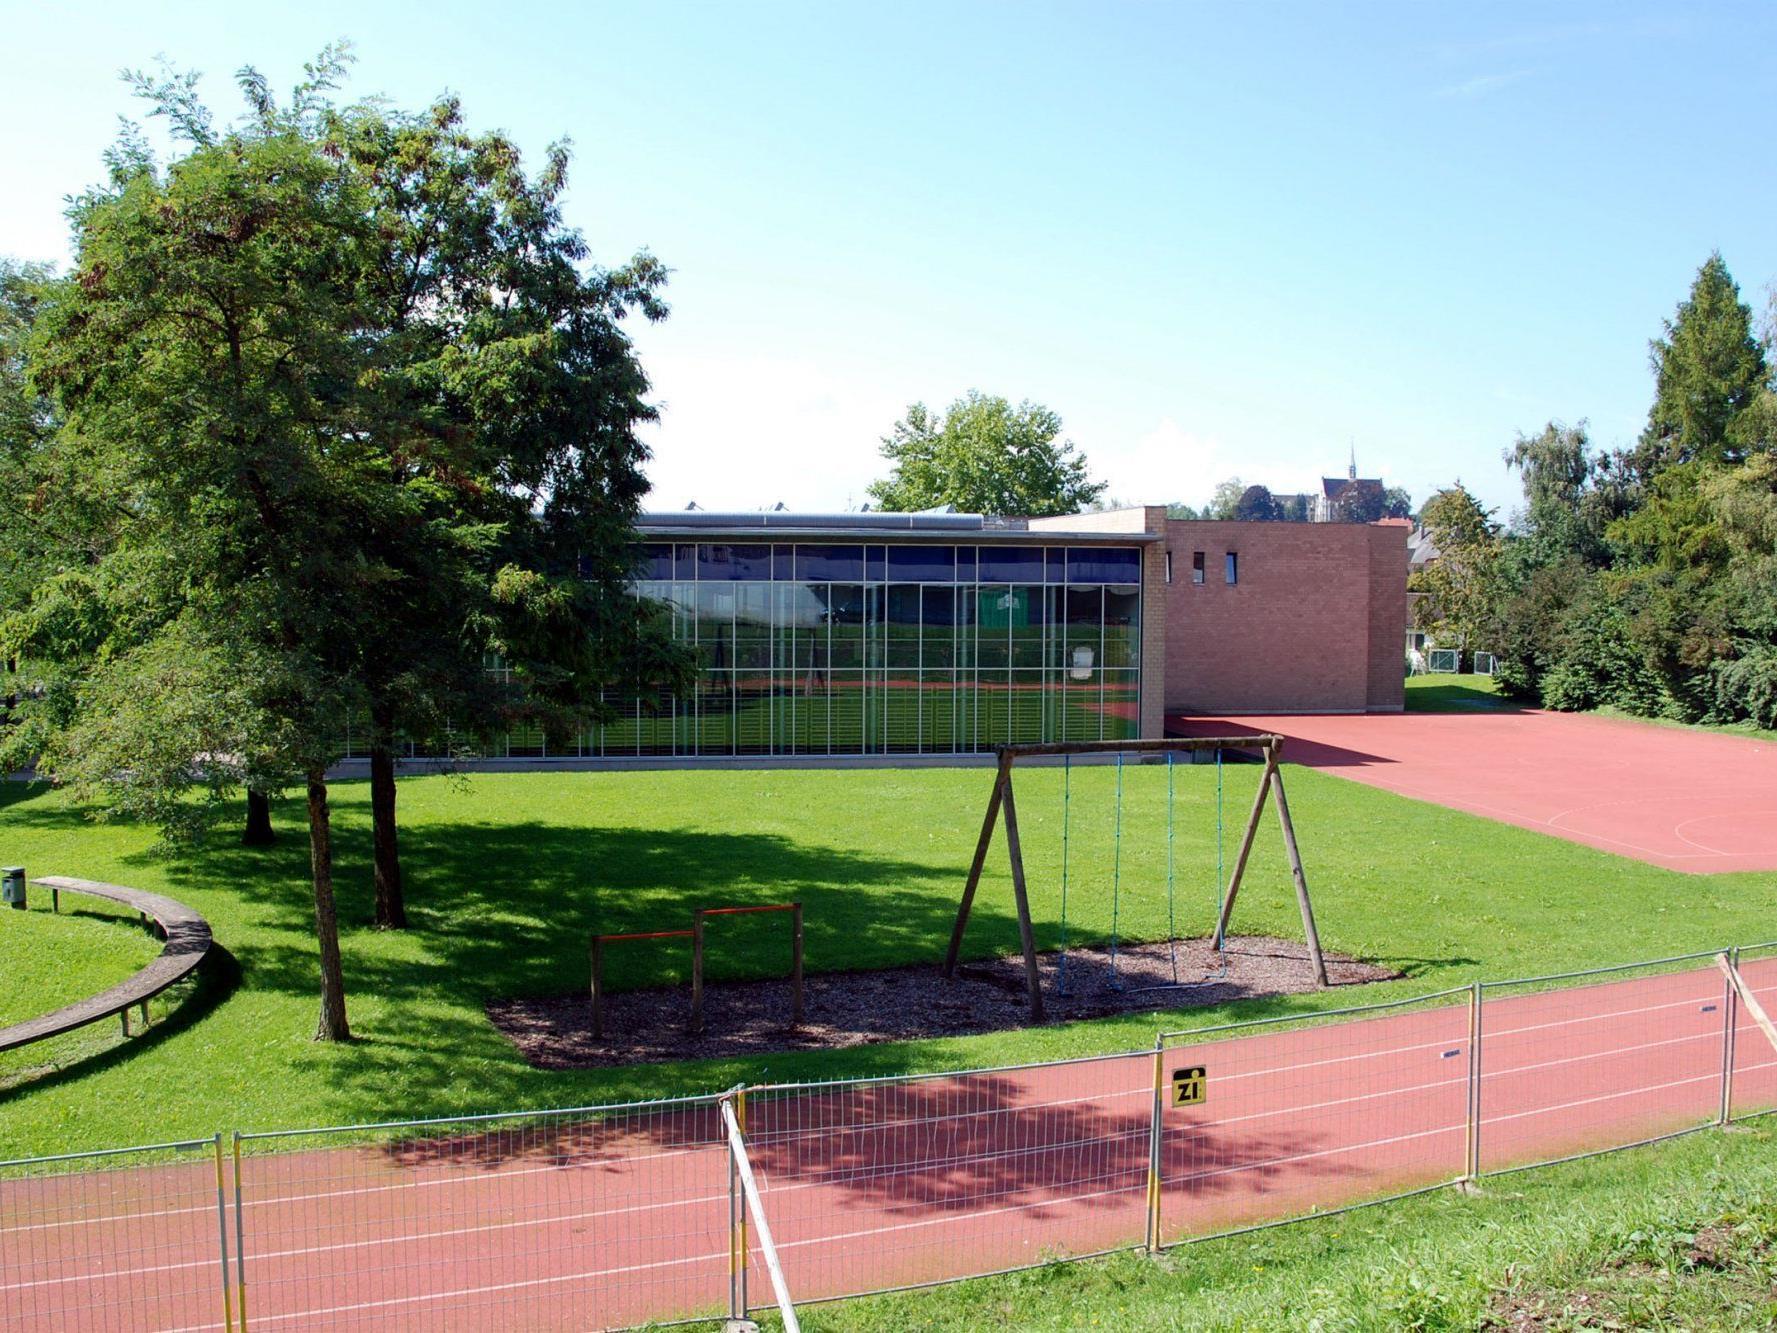 Die Schulsportplätze, wie hier jener der Schule Weidach, stehen Interessierten wieder zur Verfügung.